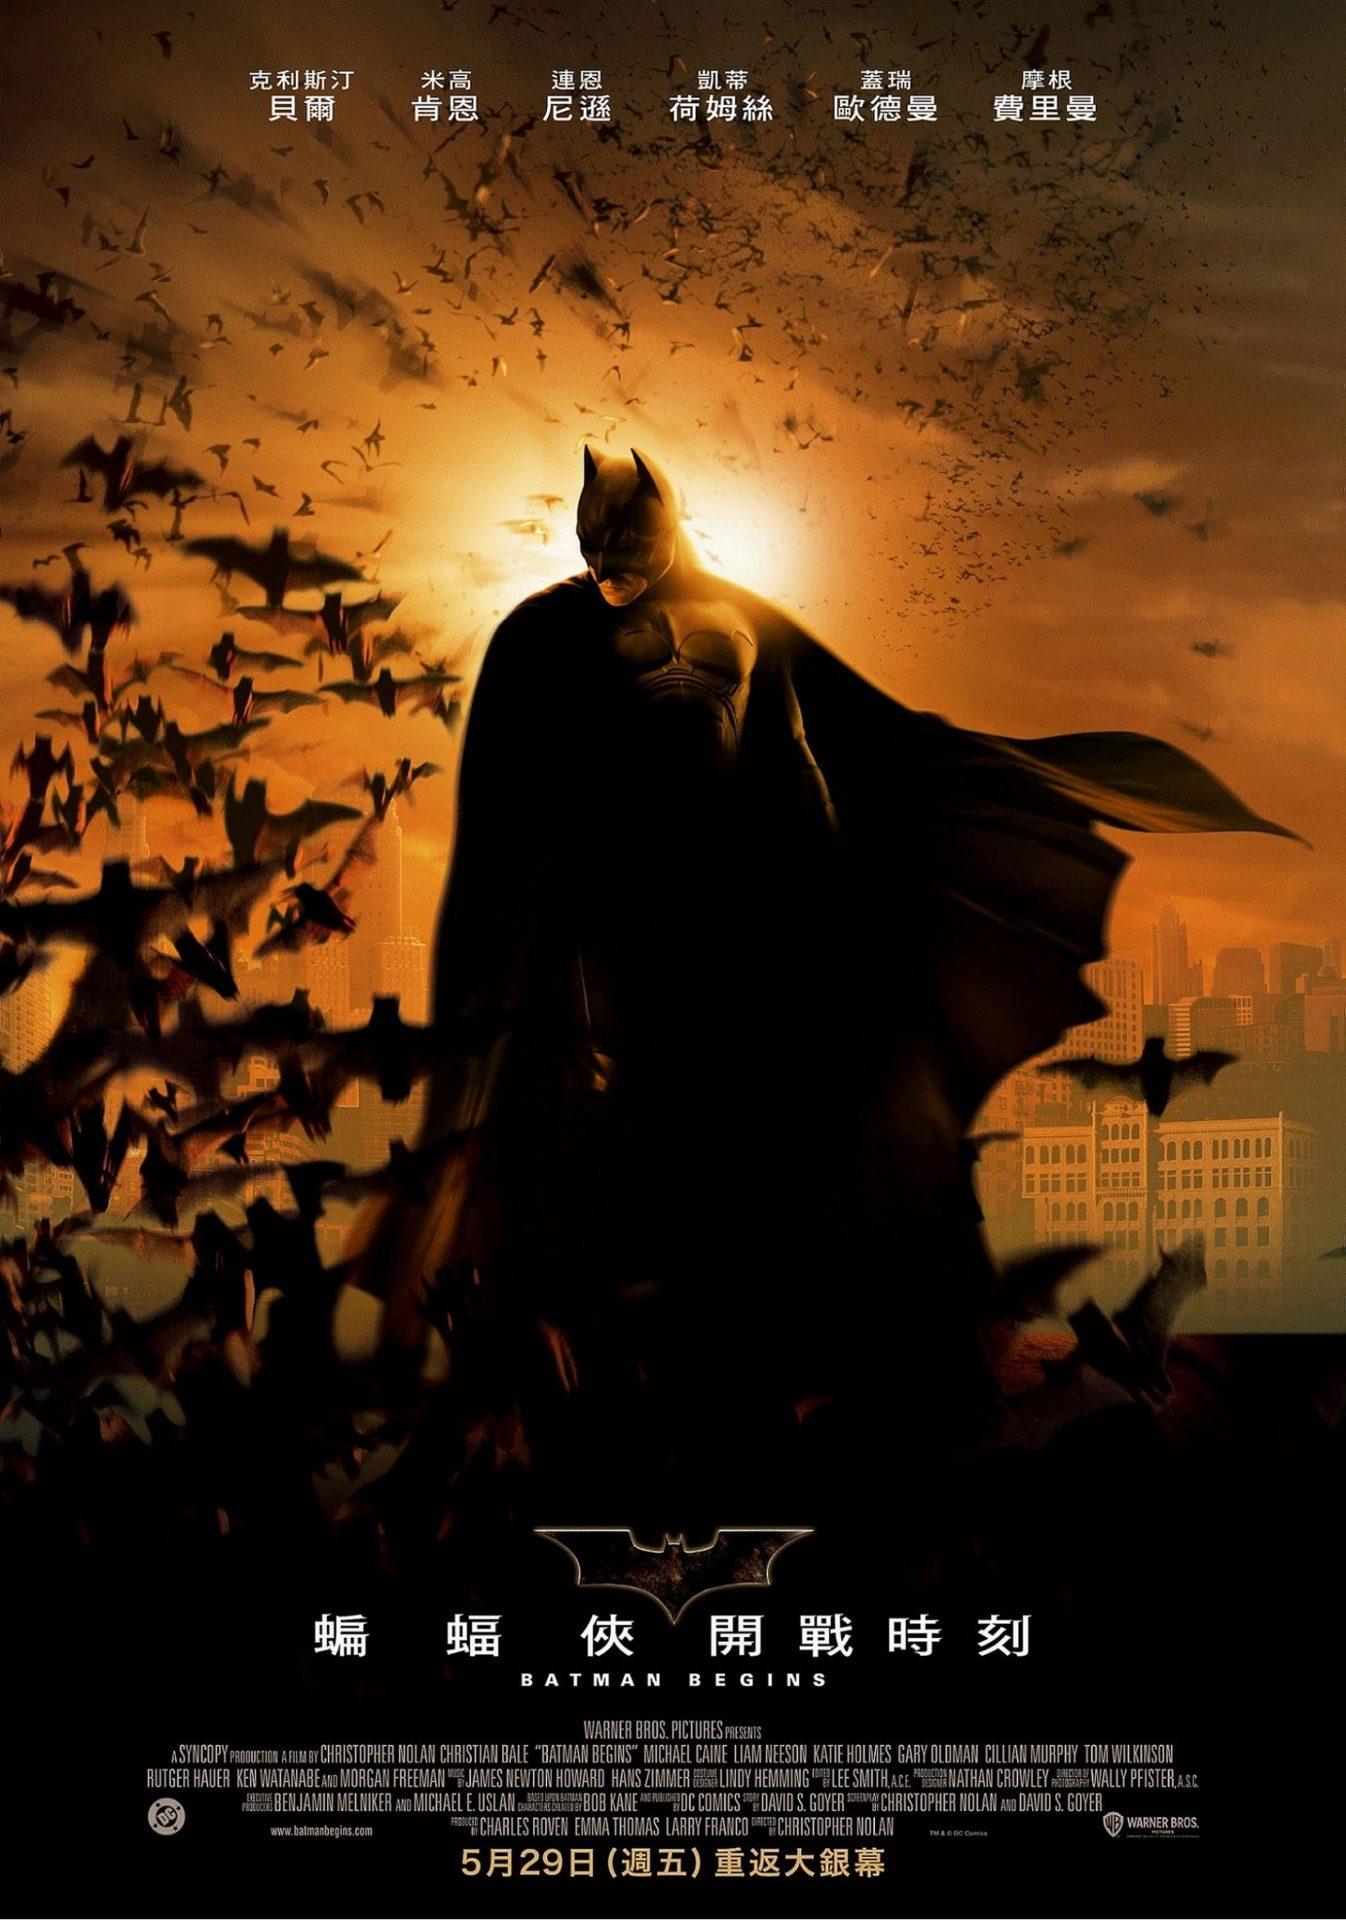 蝙蝠俠:開戰時刻 時刻表、蝙蝠俠:開戰時刻 預告片